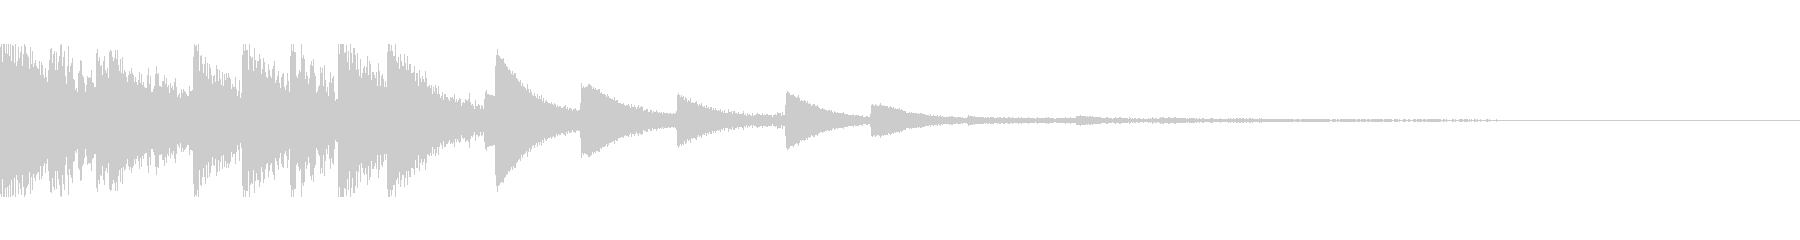 [ティロリン]スキルUP(可愛く軽やか)の未再生の波形